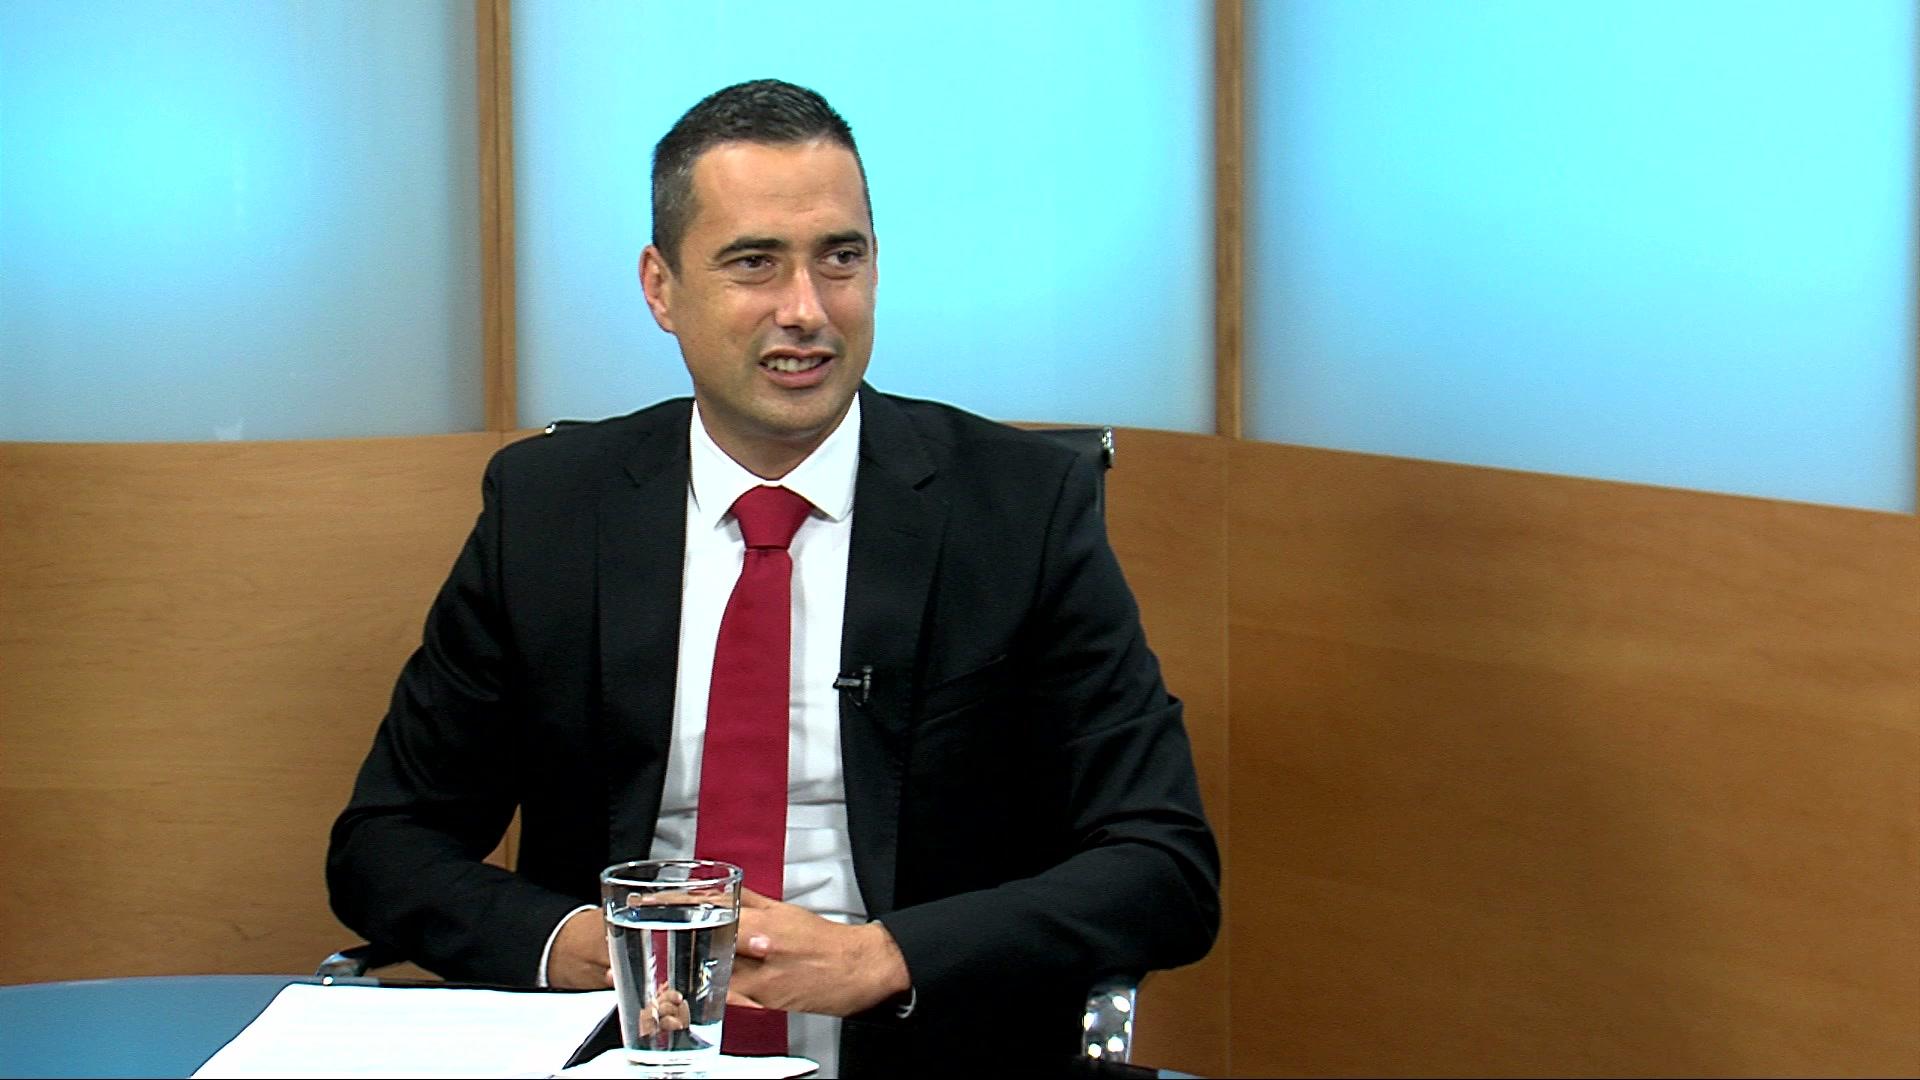 Miniszteri biztos lett Ovádi Péter